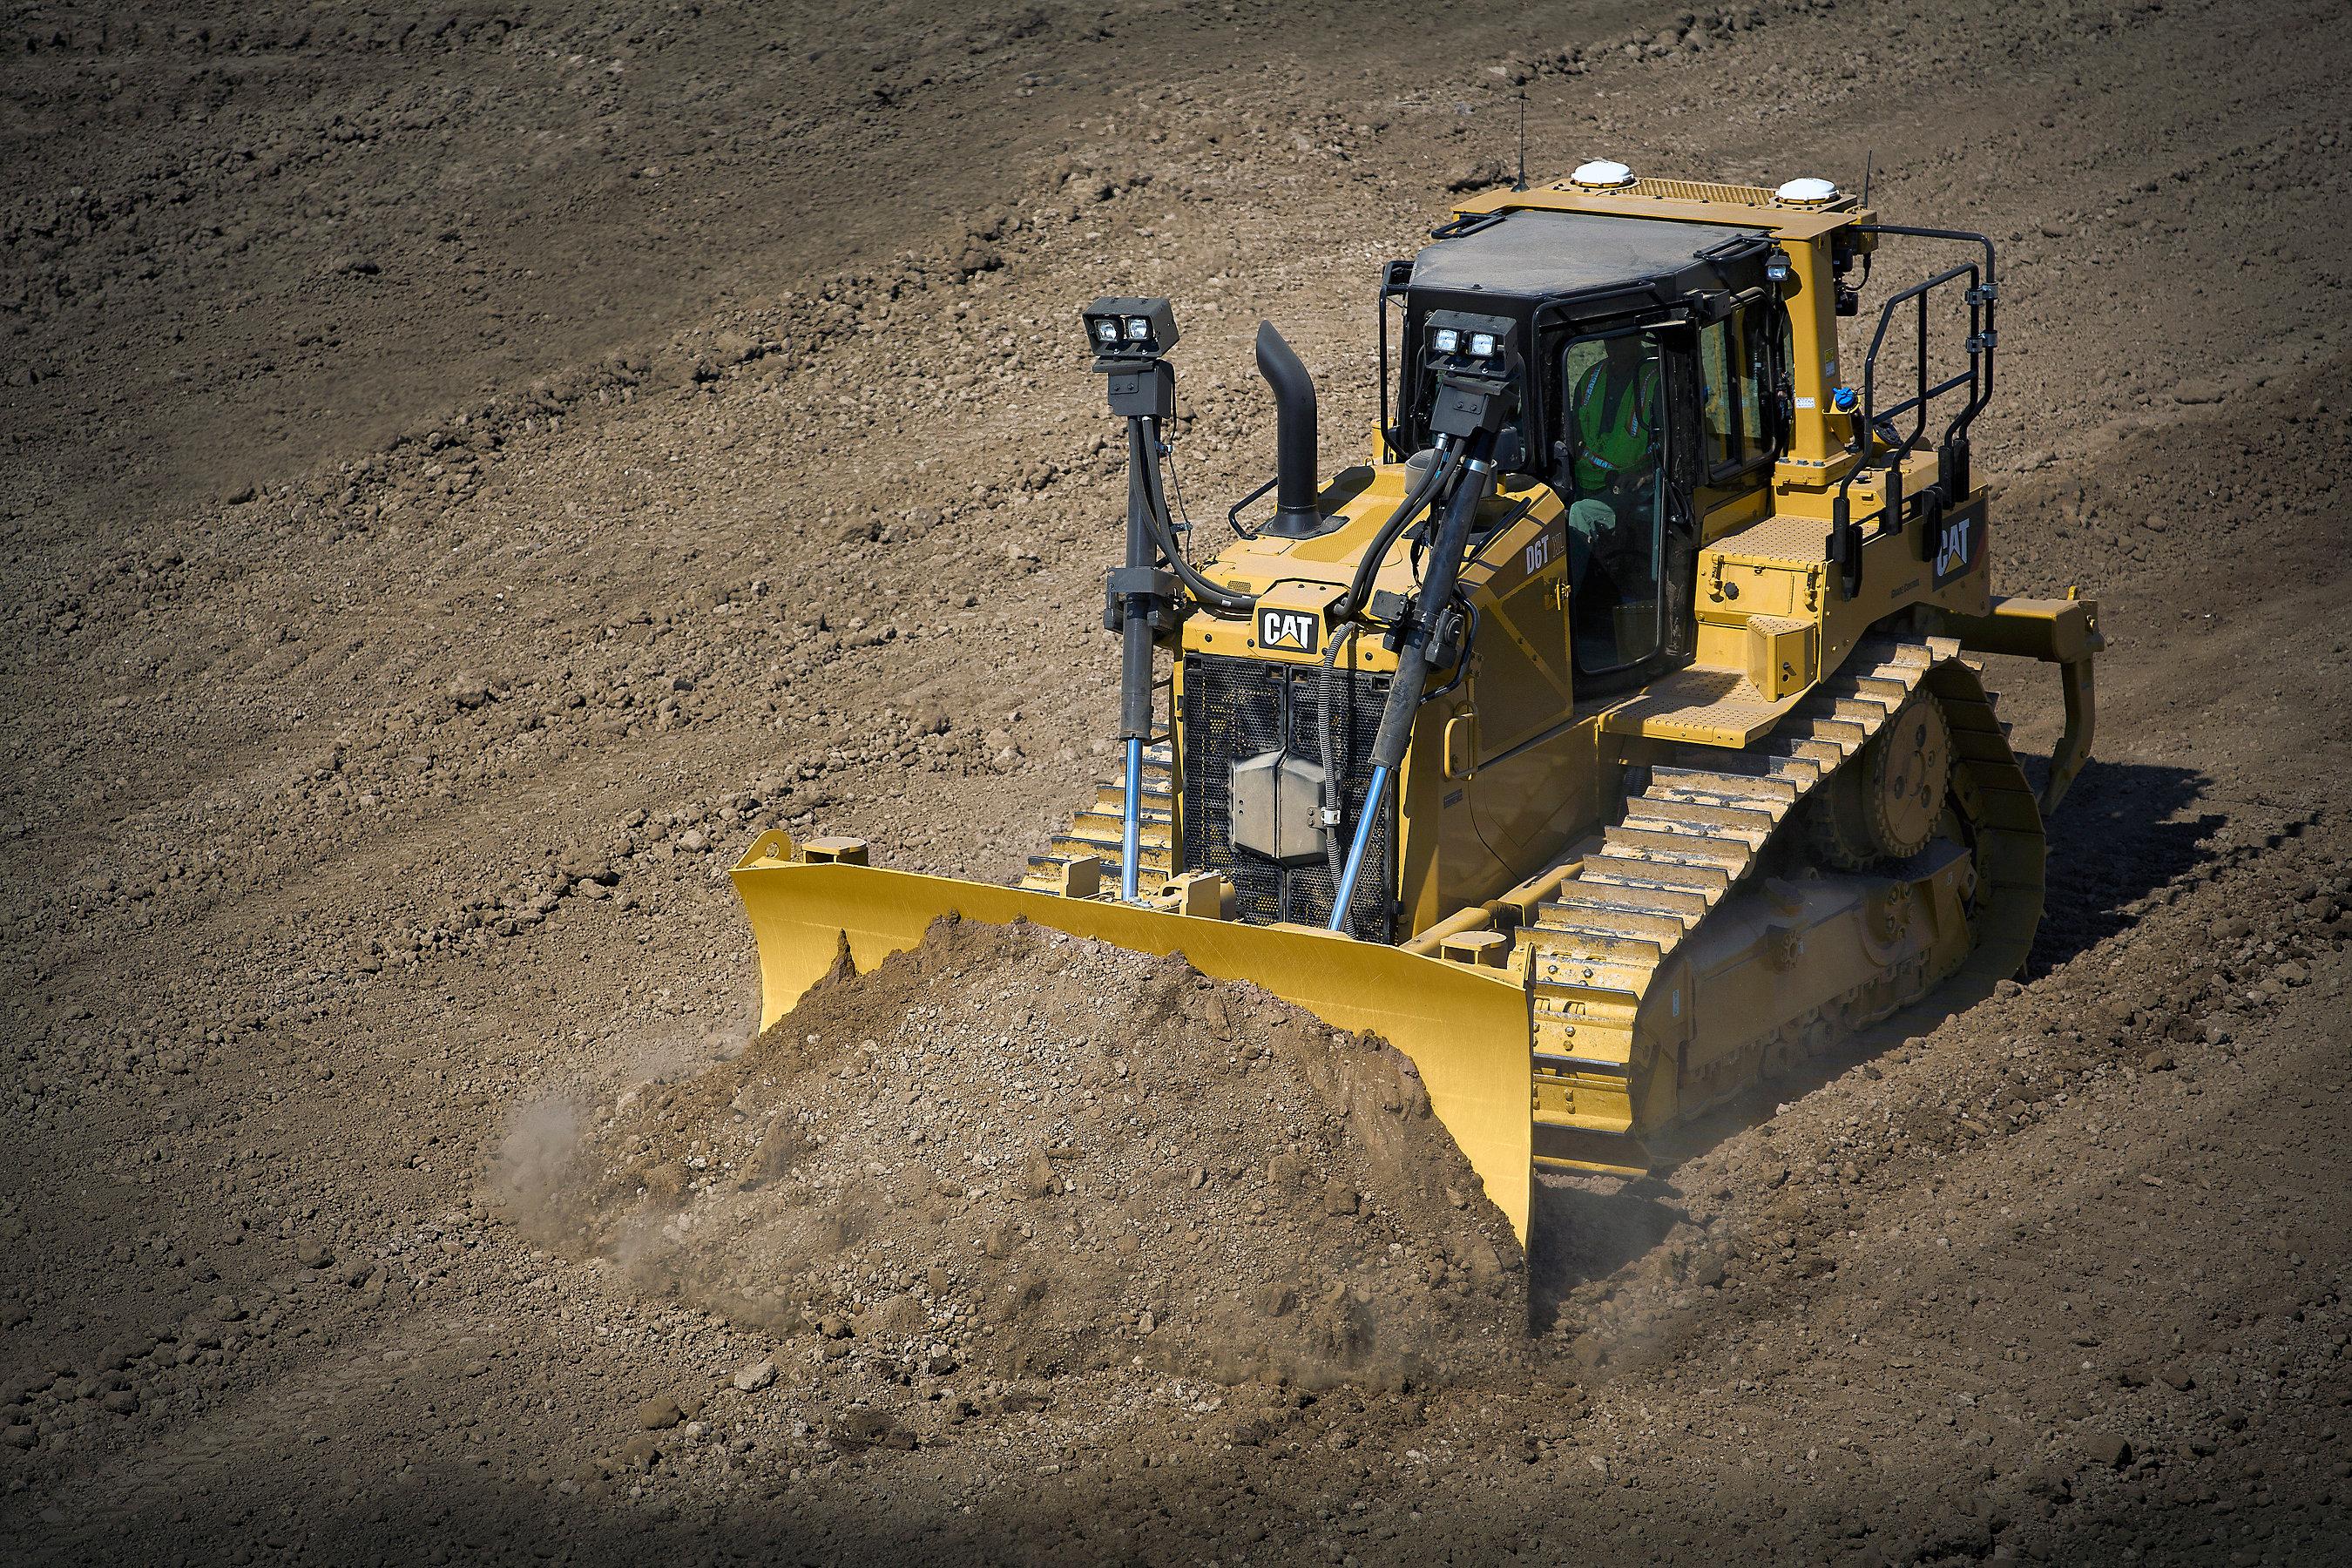 Cat D6T bietet optimale Kraftstoffeffizienz, ein vollautomatisches Getriebe und Technologie, die alle Aufgaben meistert